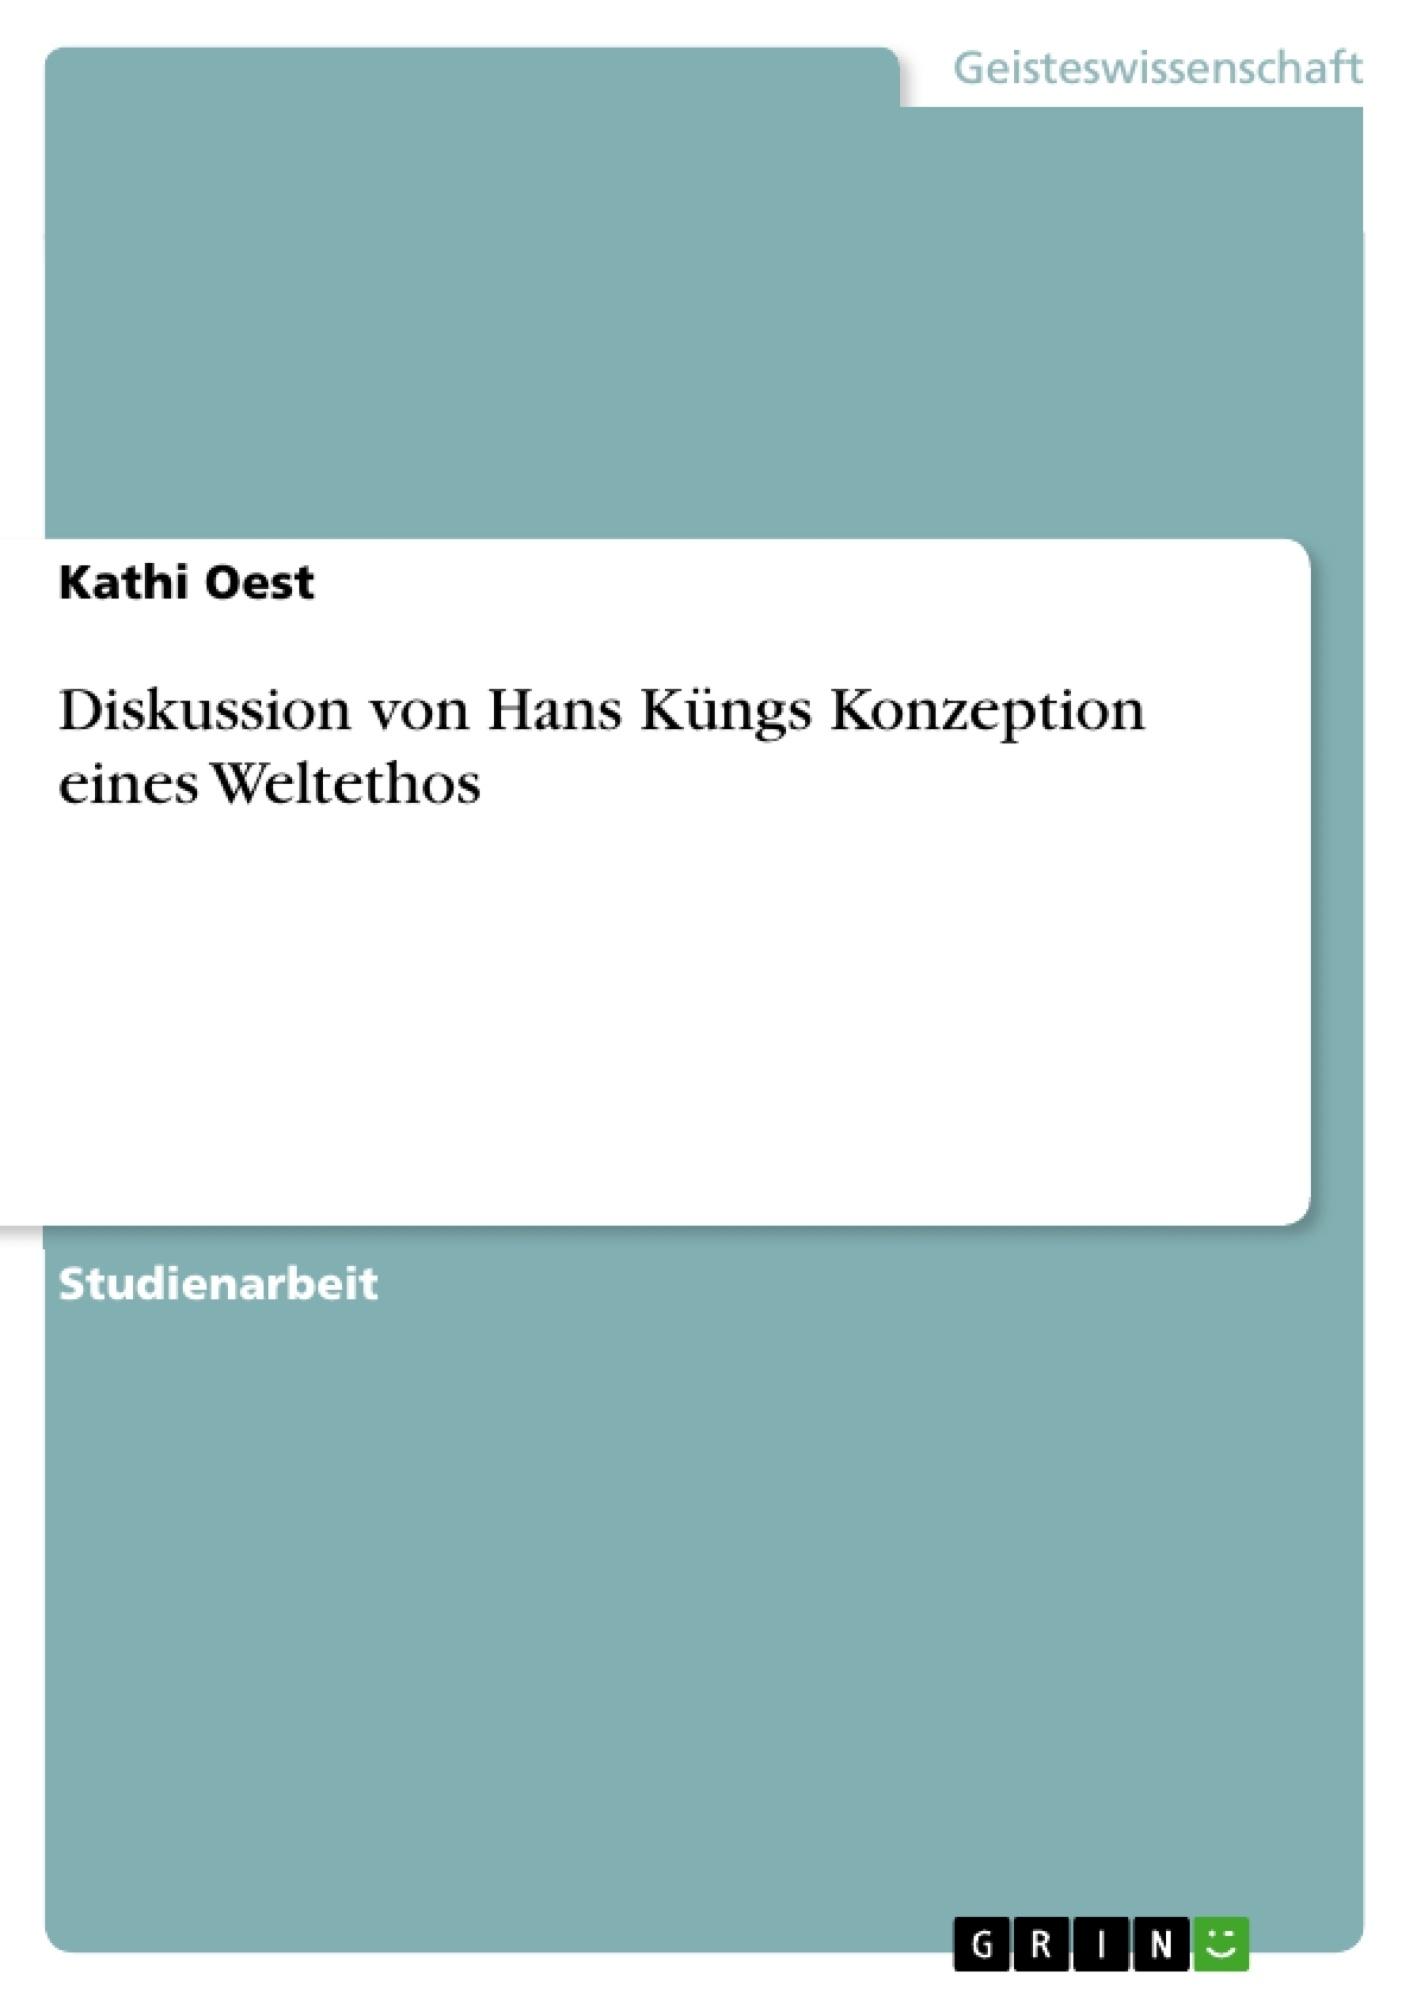 Titel: Diskussion von Hans Küngs Konzeption eines Weltethos